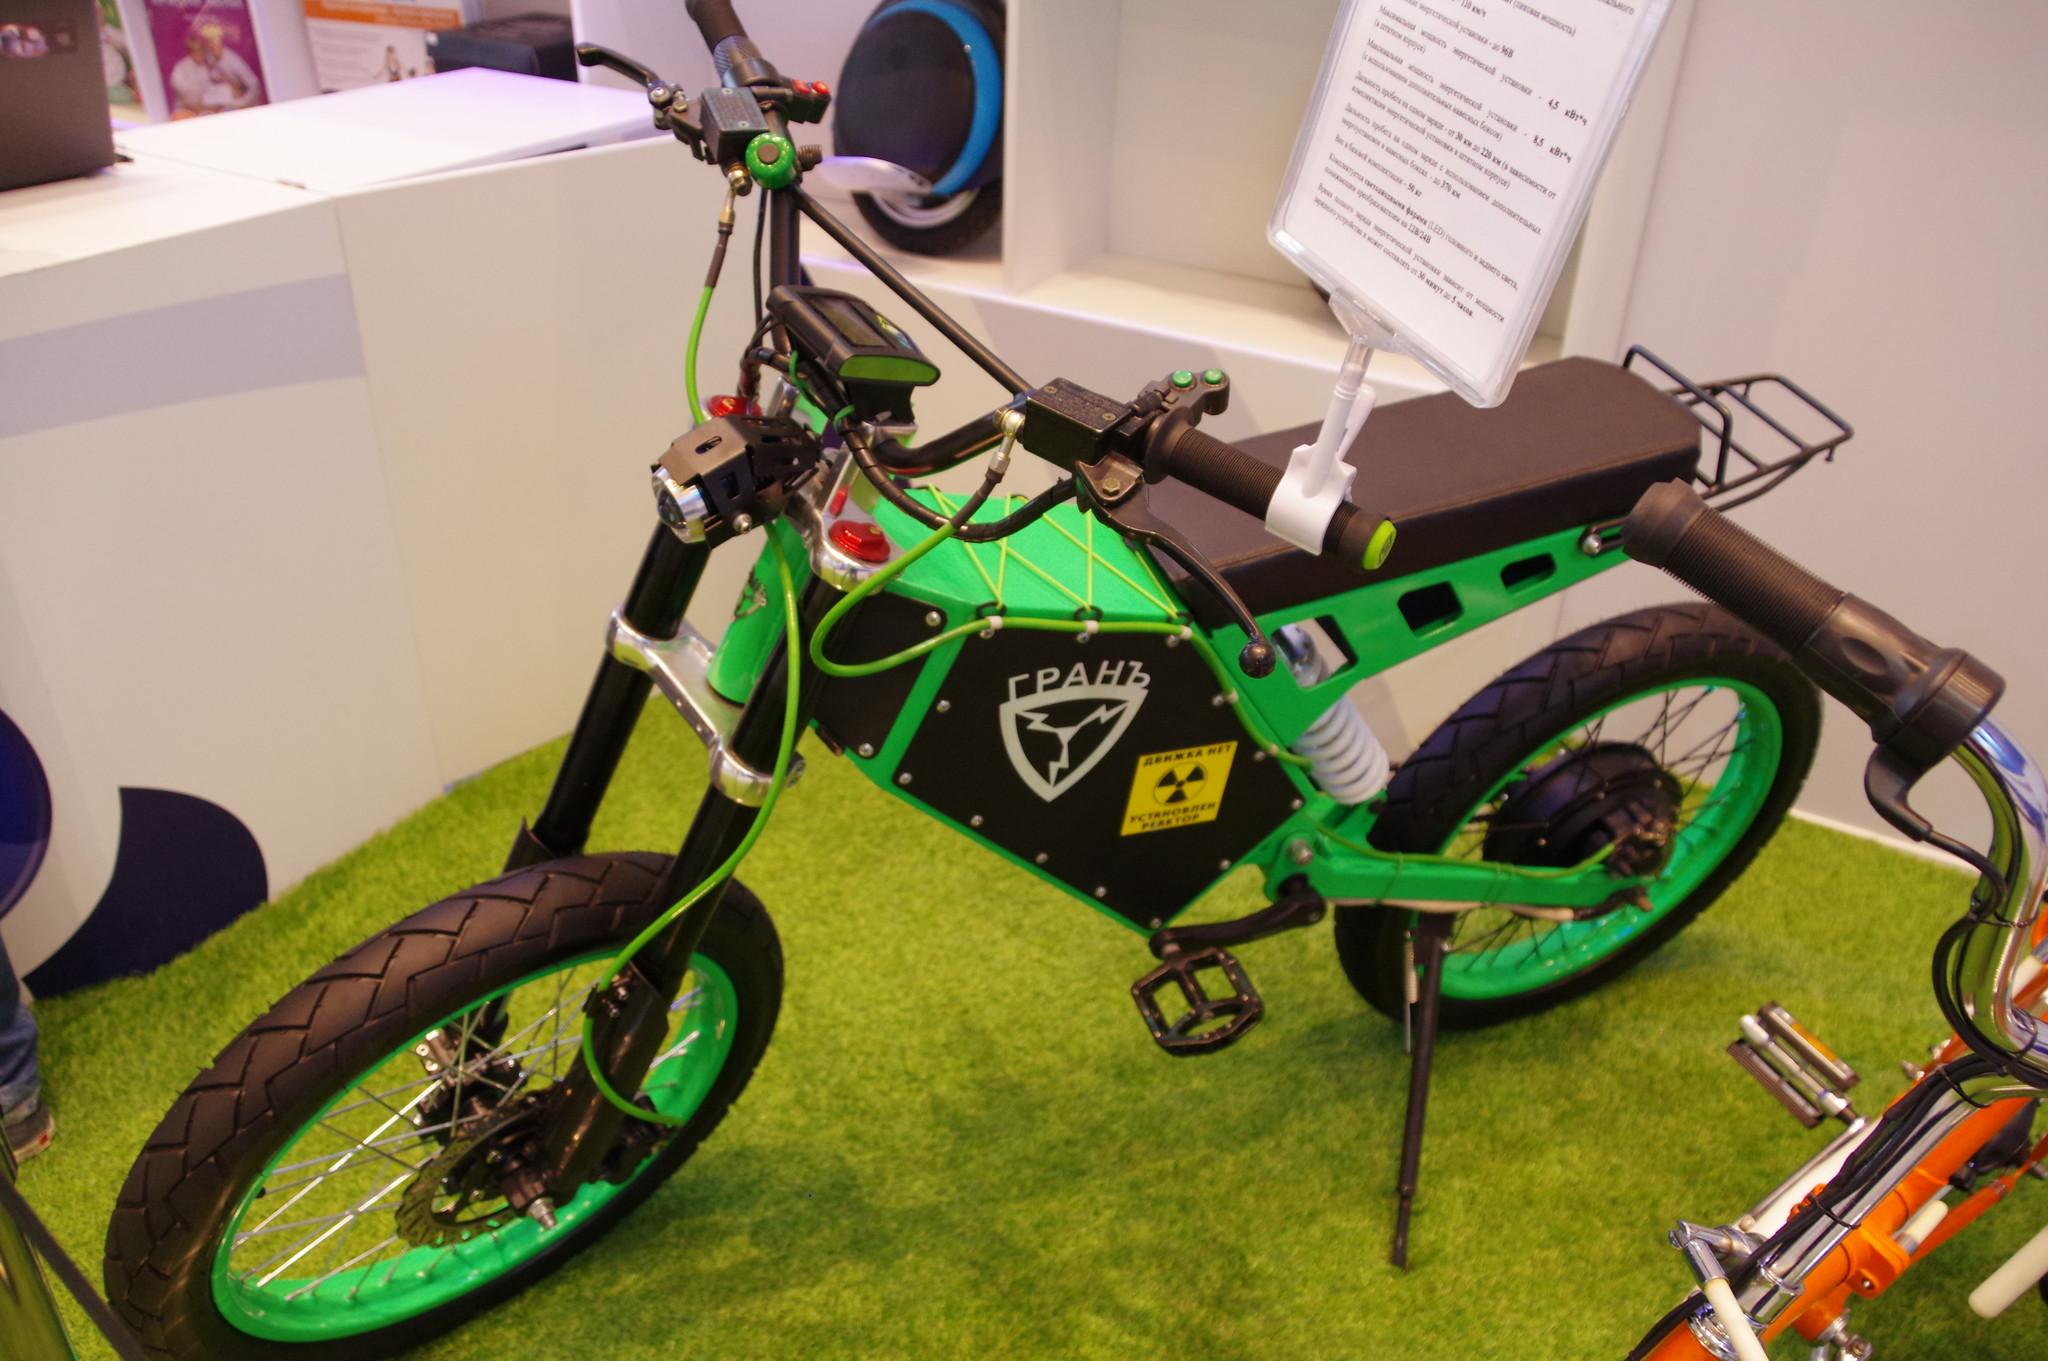 Электроцикл специального назначения «Гранъ»